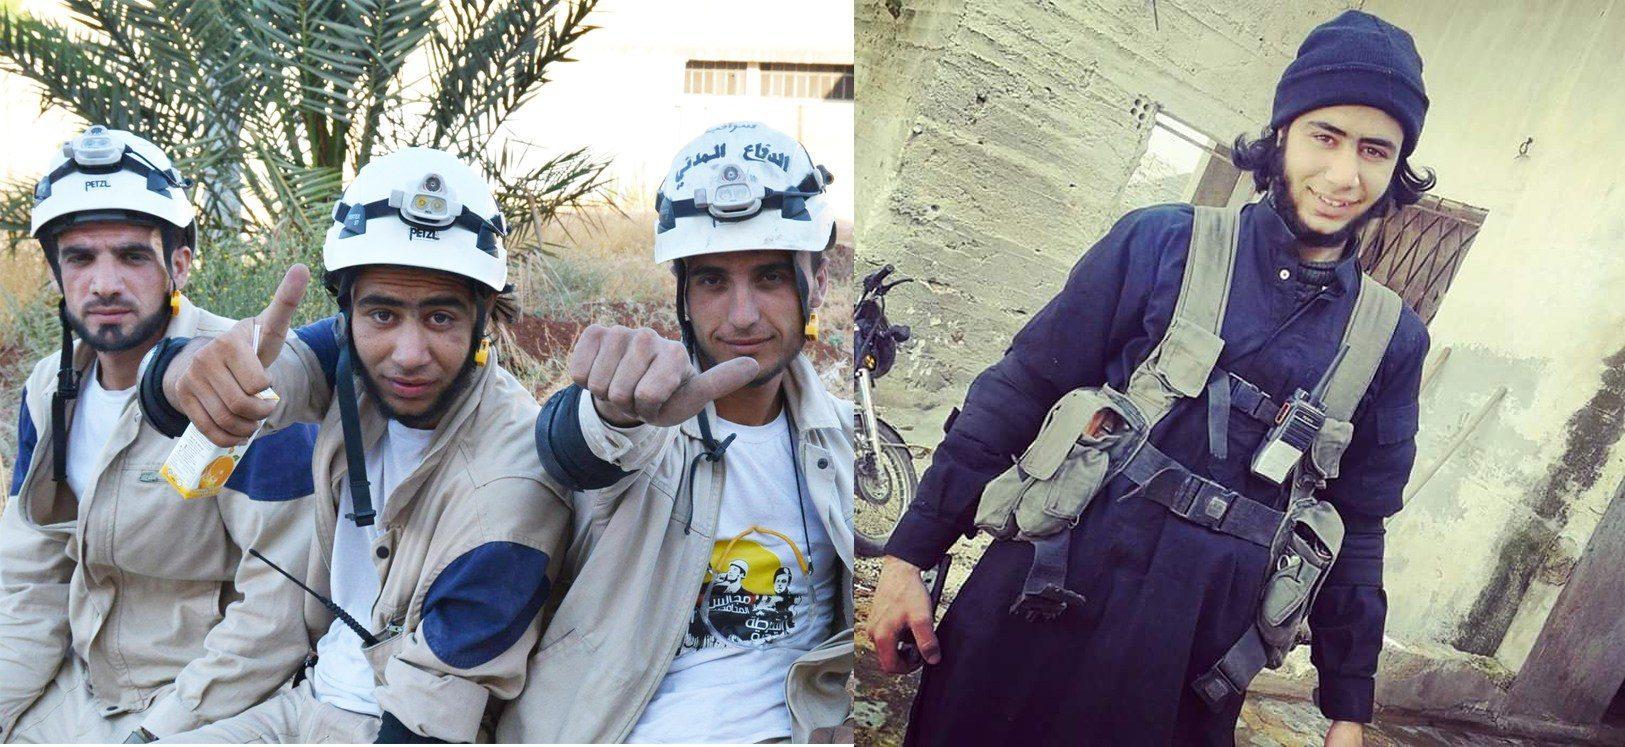 RUSIA. La evacuación de los cascos blancos de Siria demuestra el apoyo directo de Israel al terrorismo